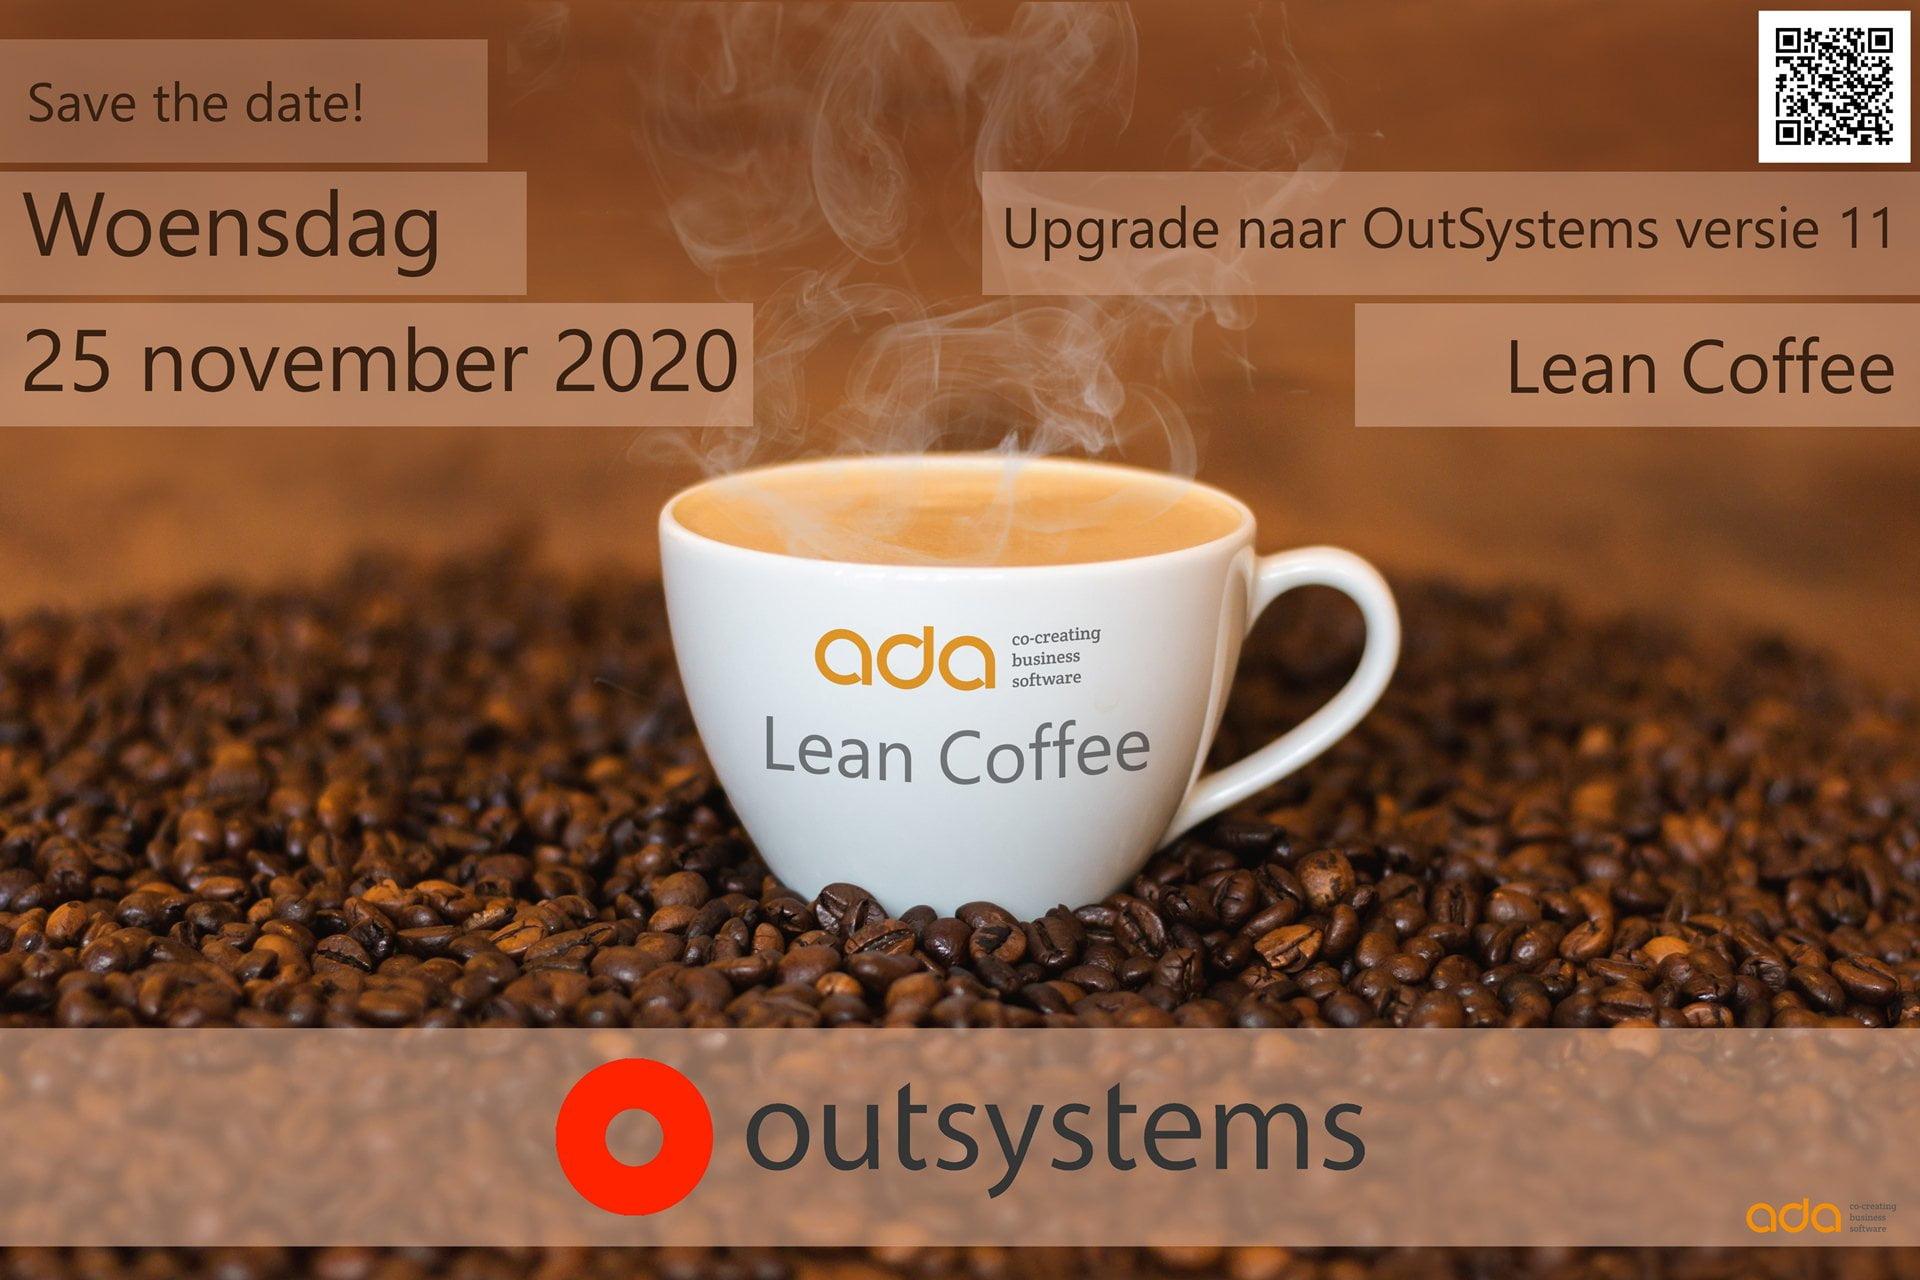 Upgrade naar OutSystems versie 11